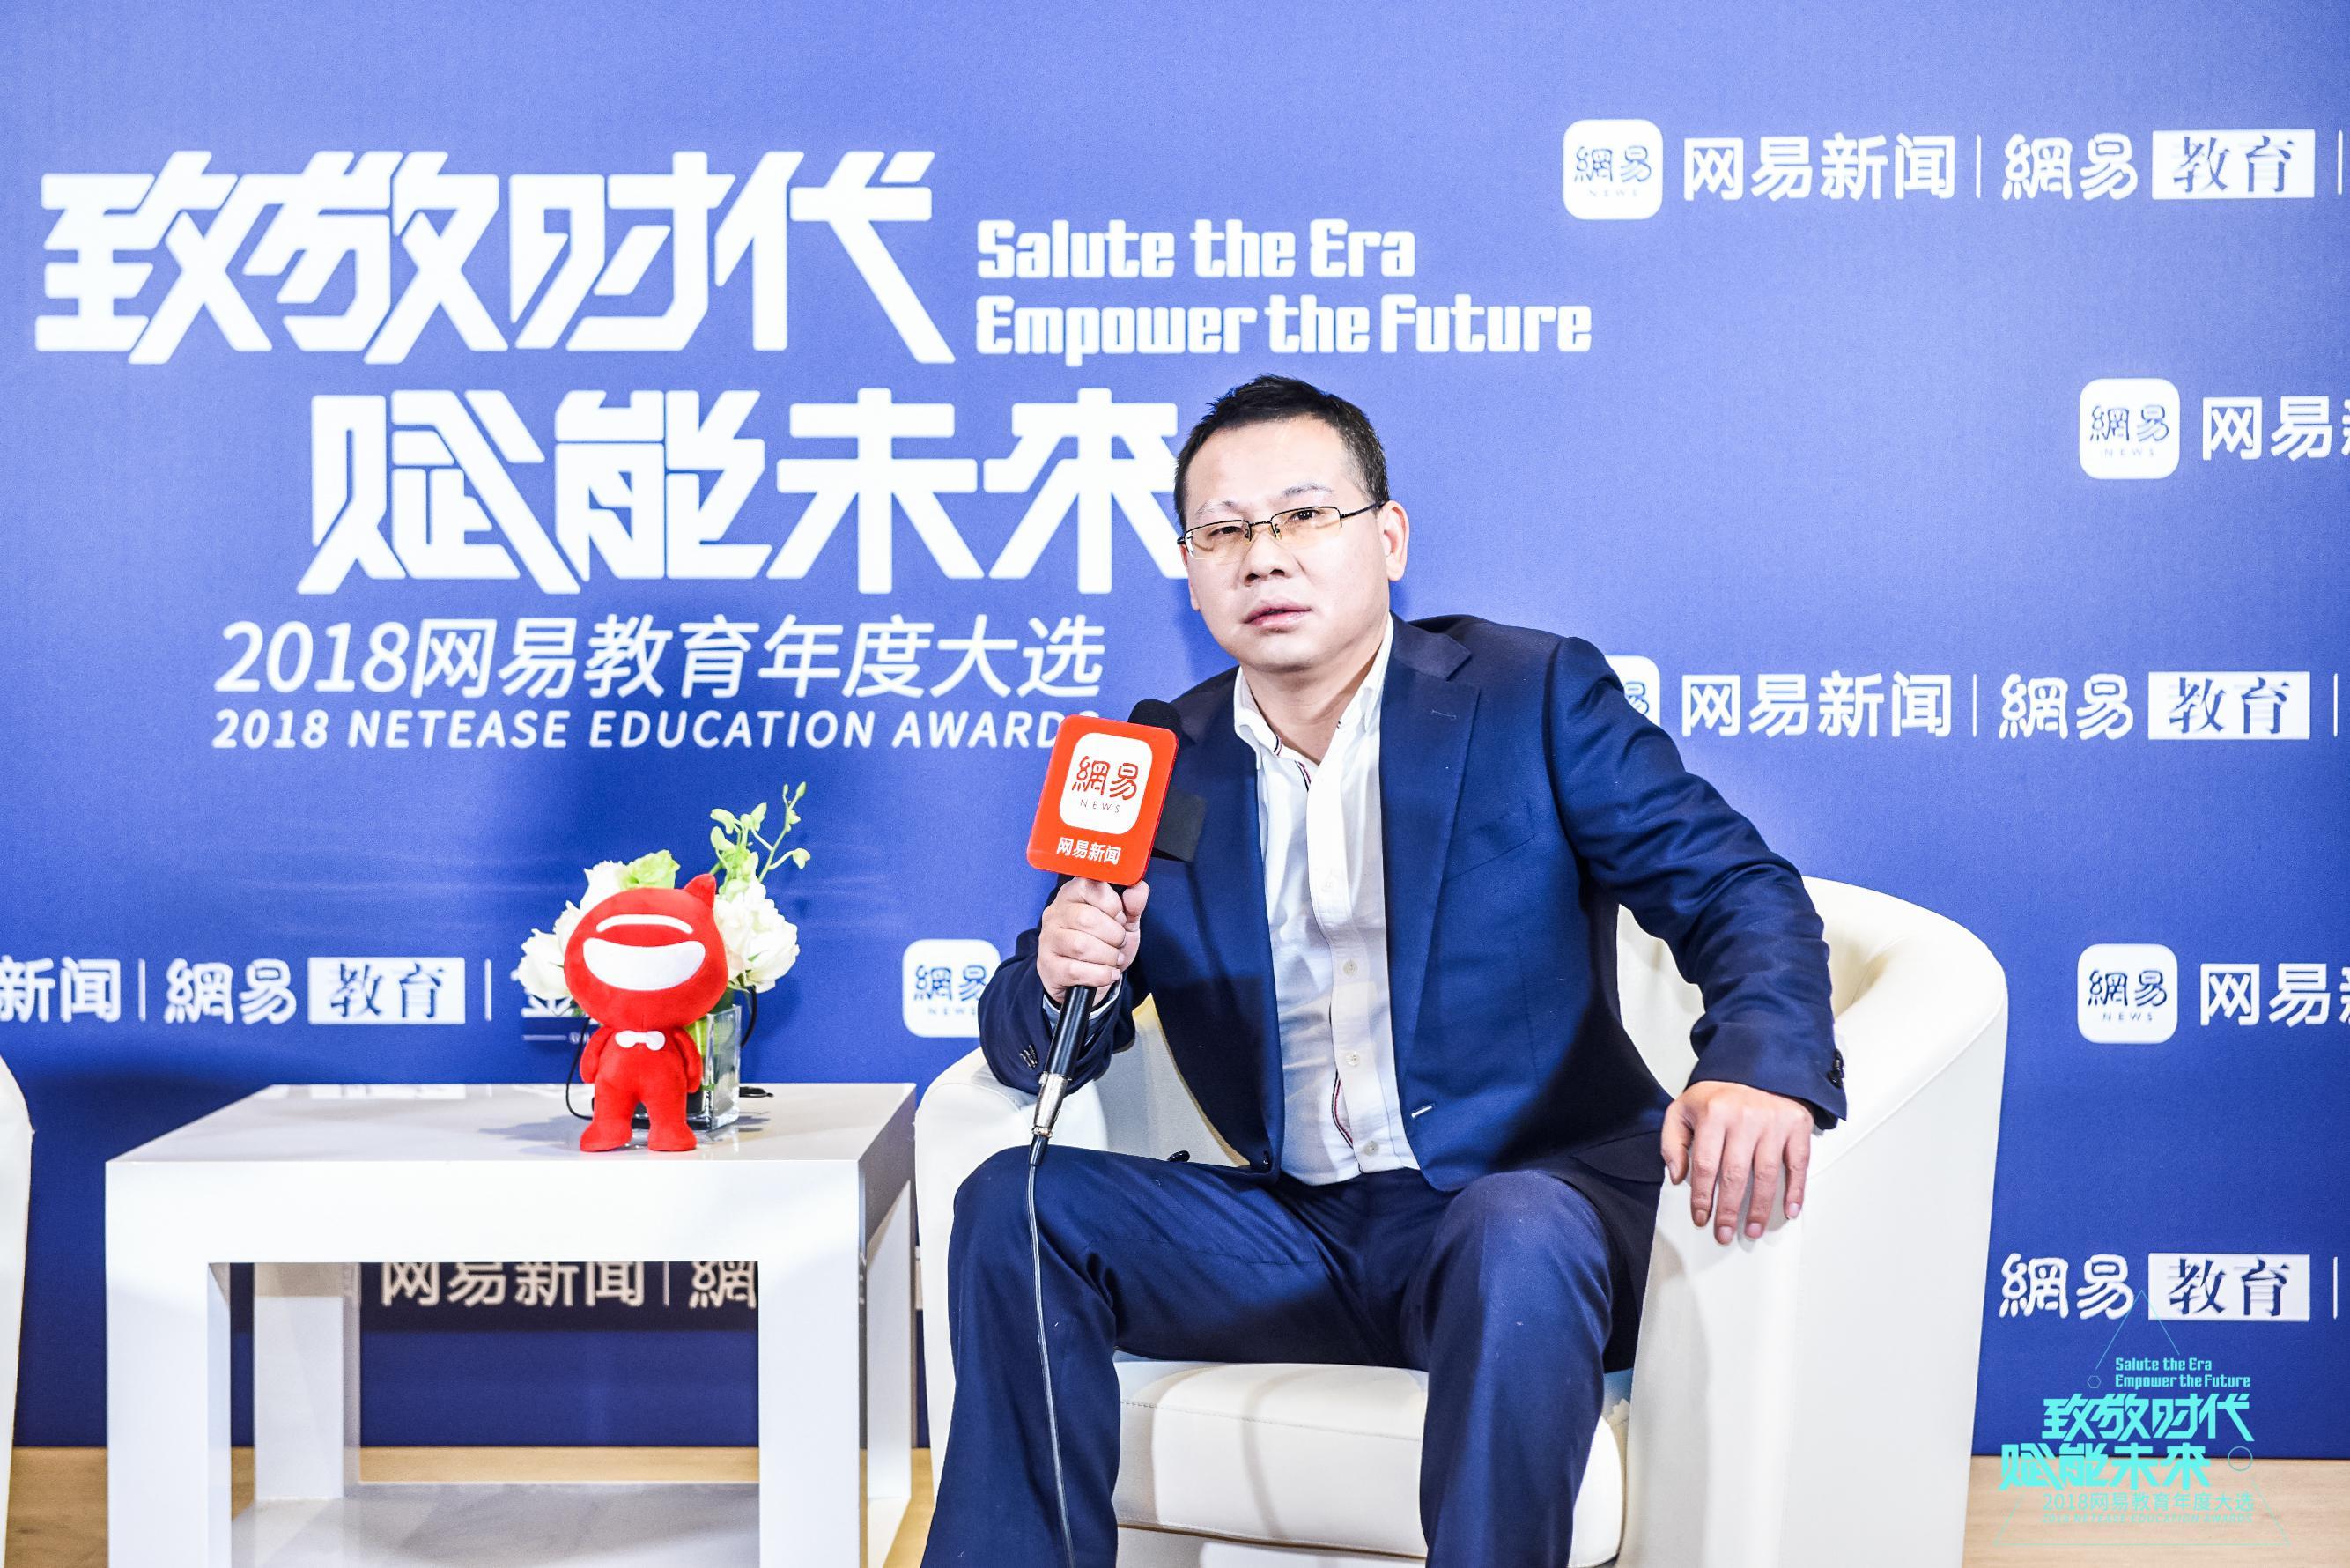 启航龙图邝金武:整合资源、深耕市场,打造大学生知识付费优质平台